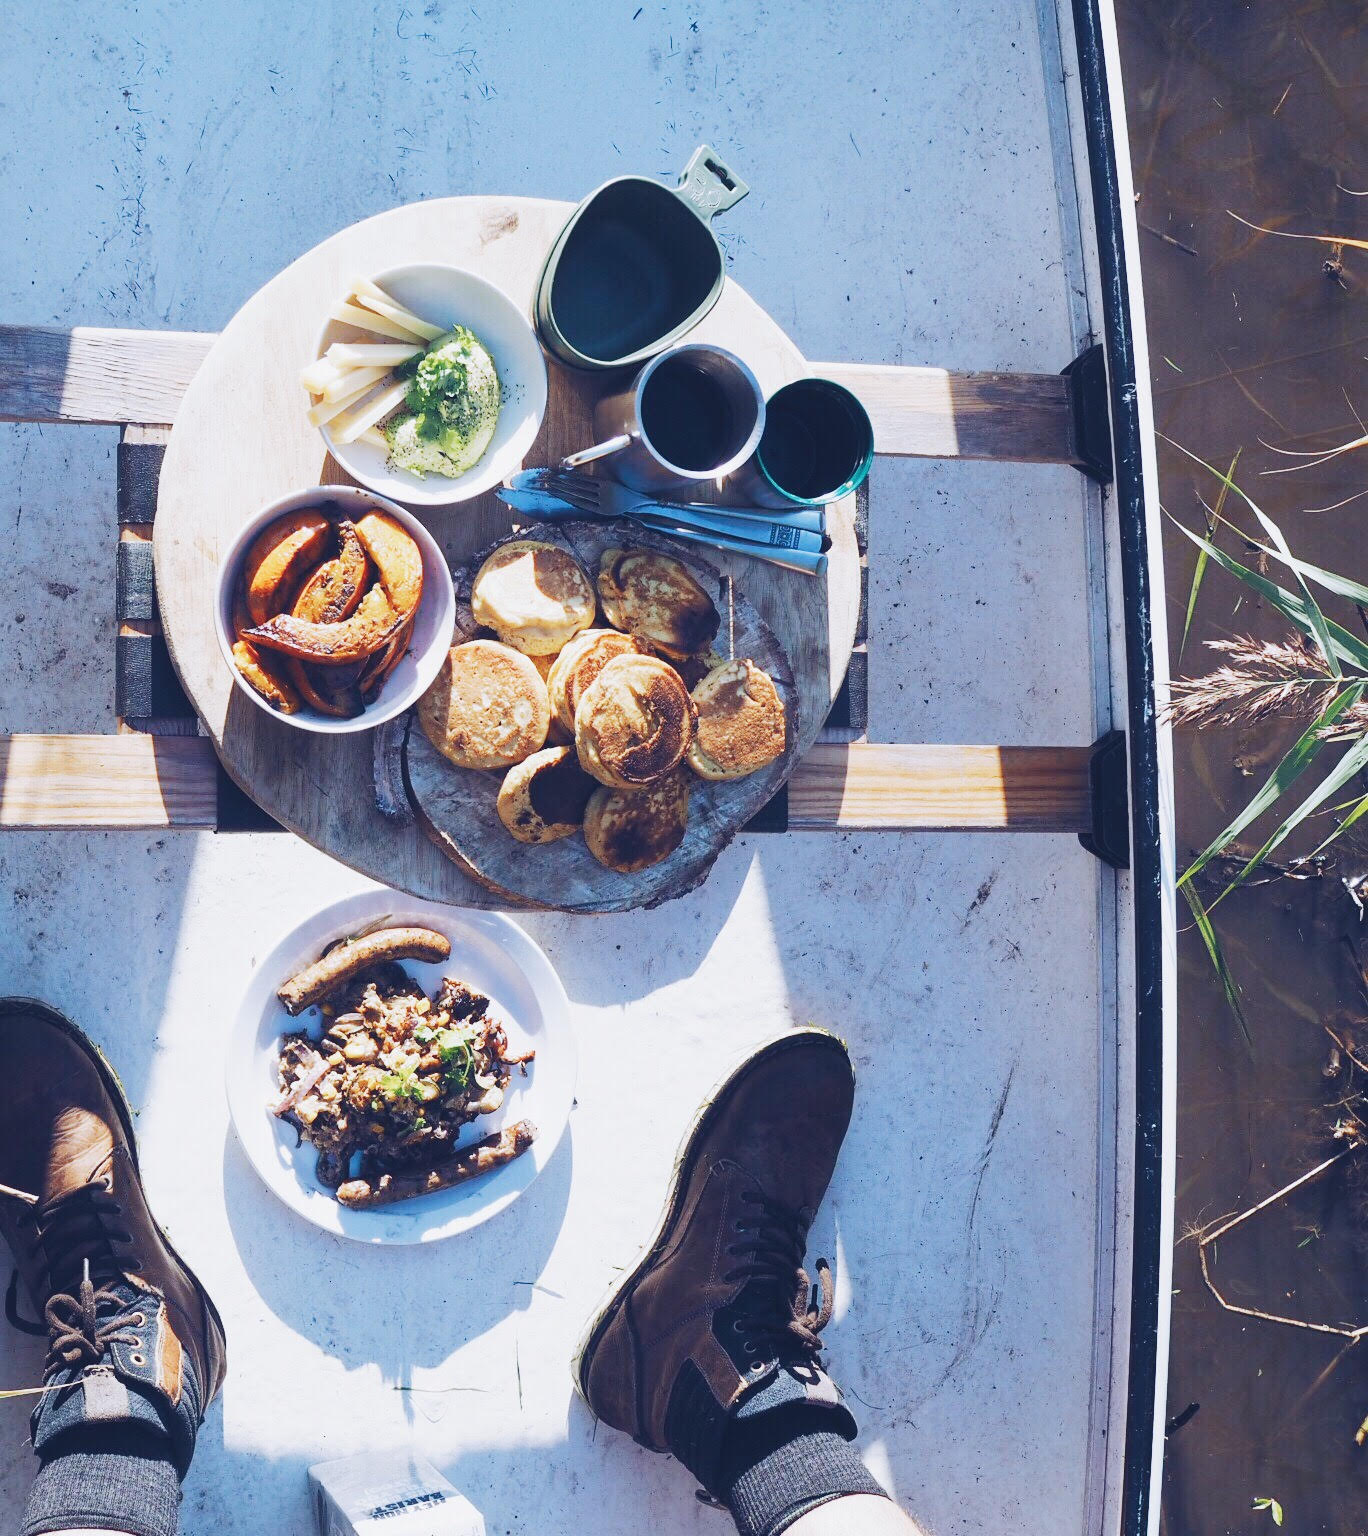 morgenmad i kano i sverige